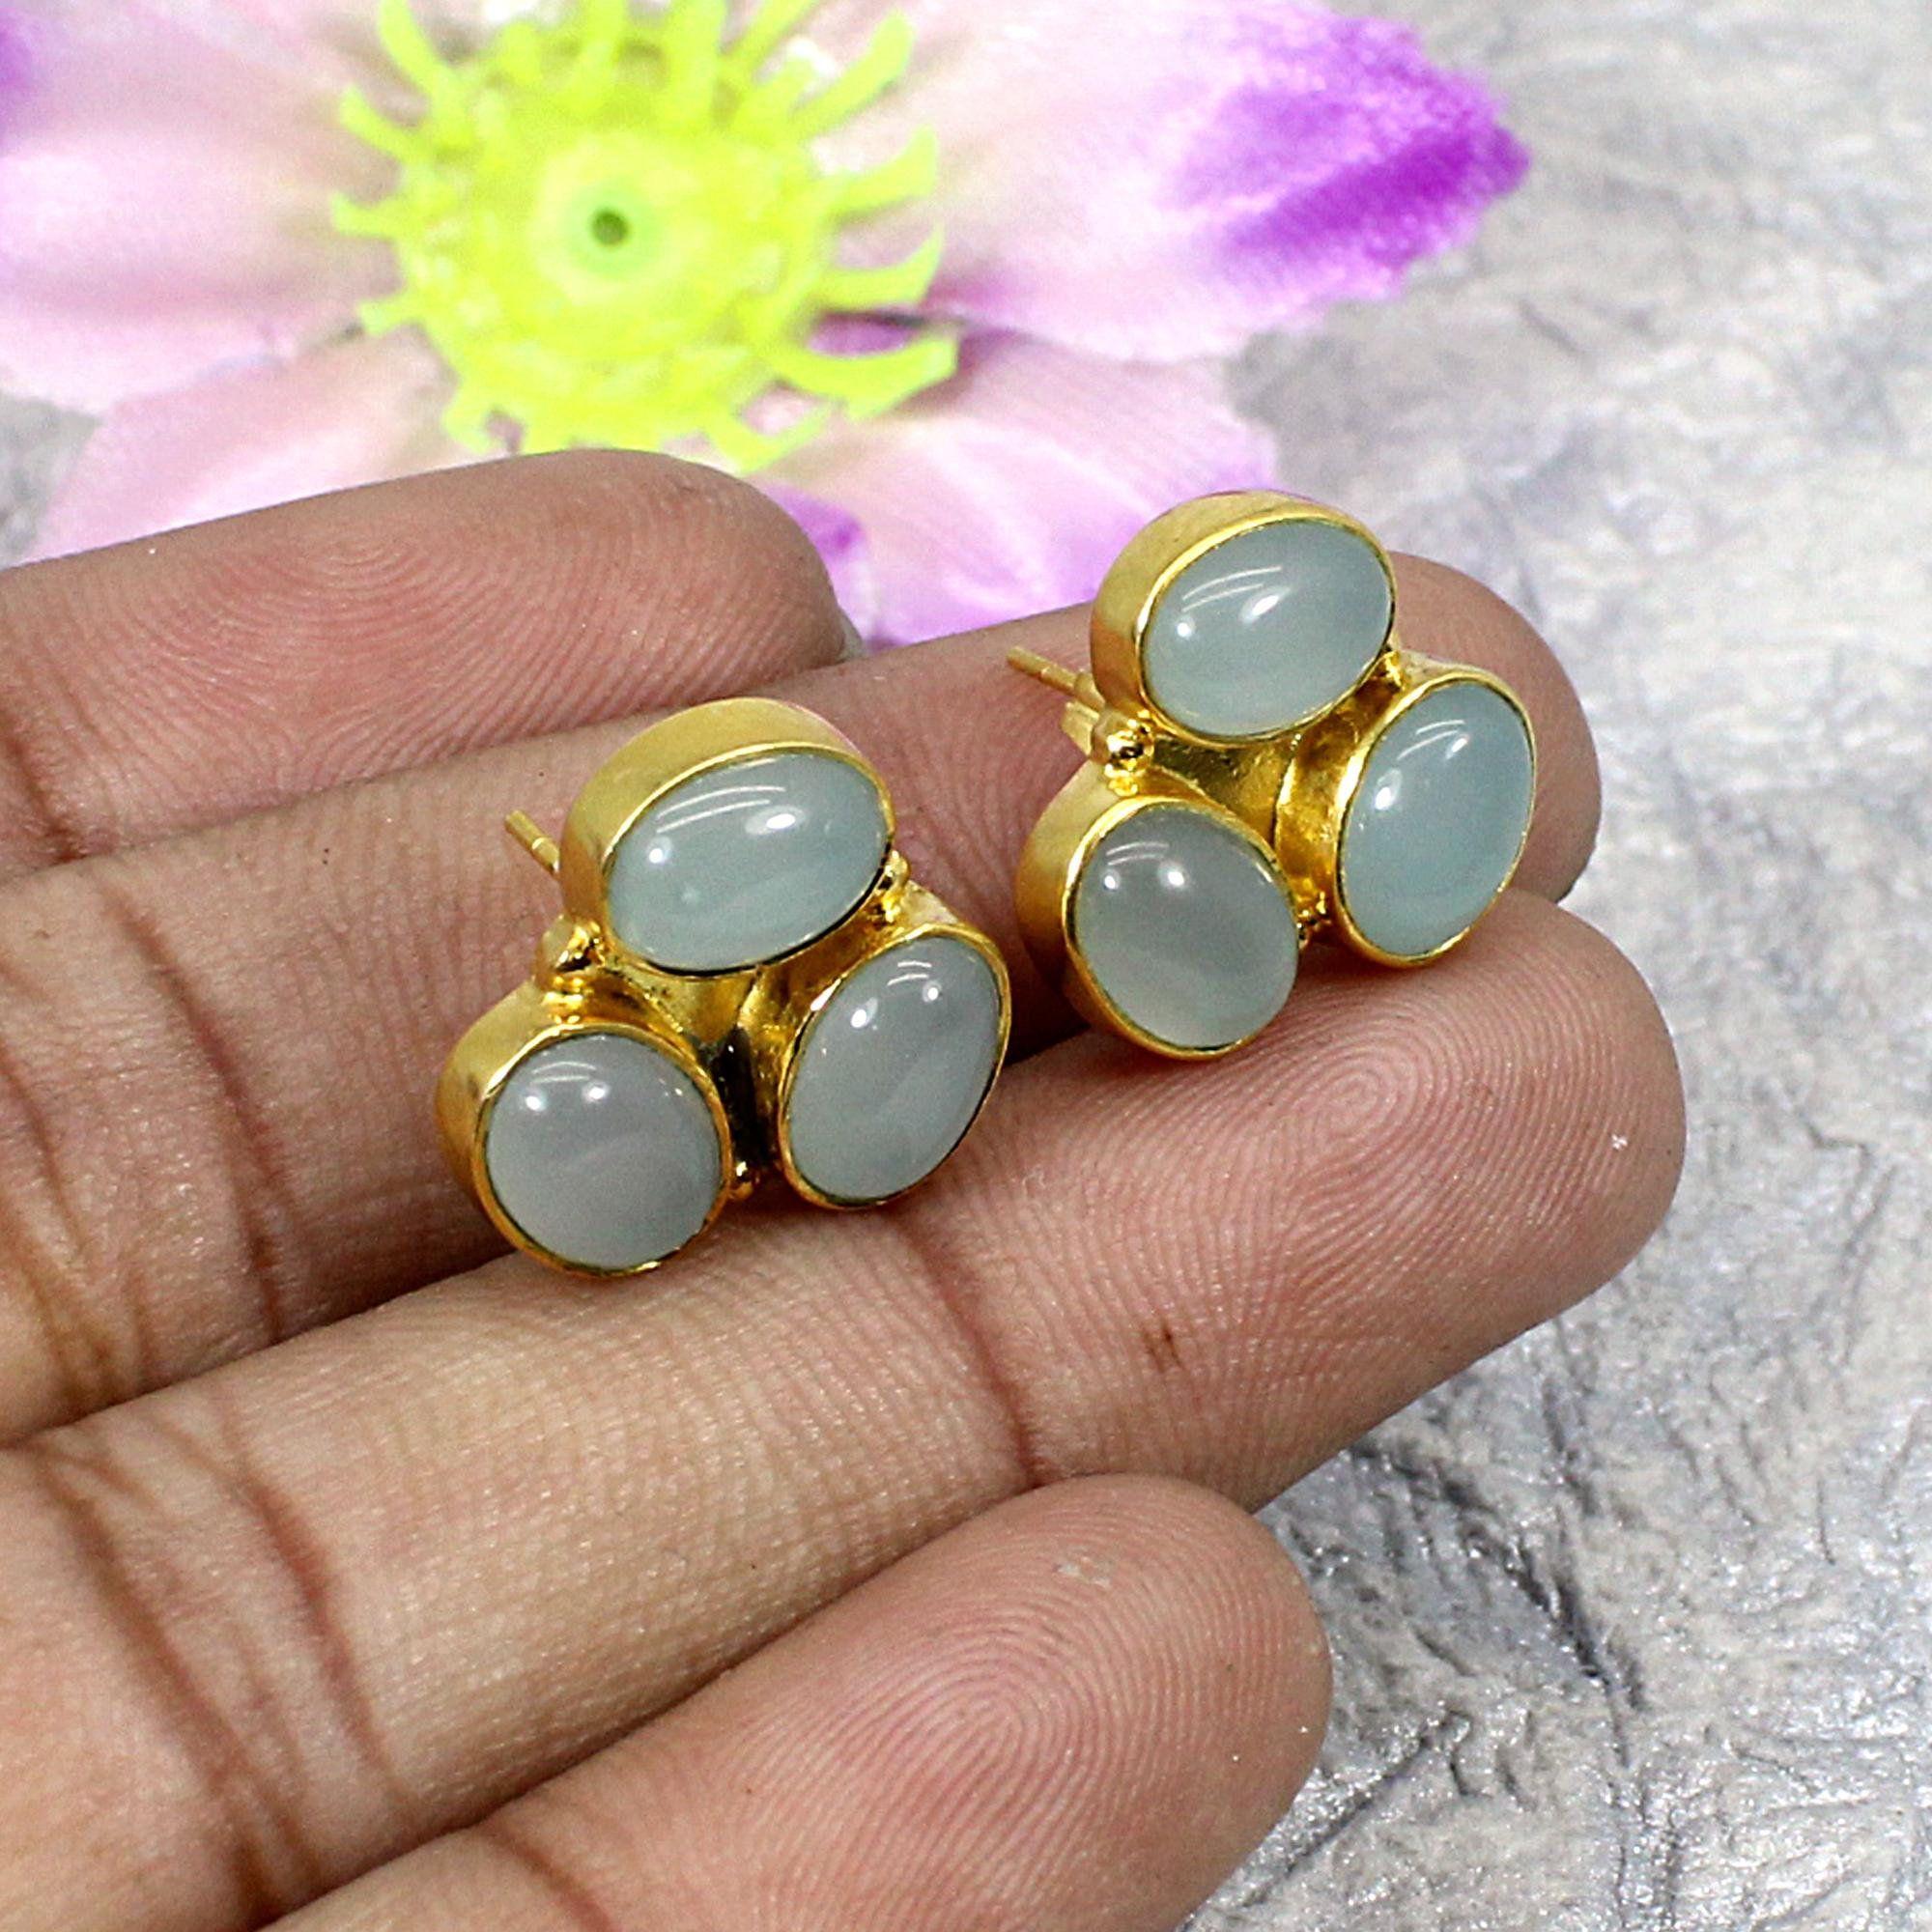 Aqua Chalcedony Gift Tourmaline Aqua Chalcedony and Tourmaline Earrings Gemstone Earrings